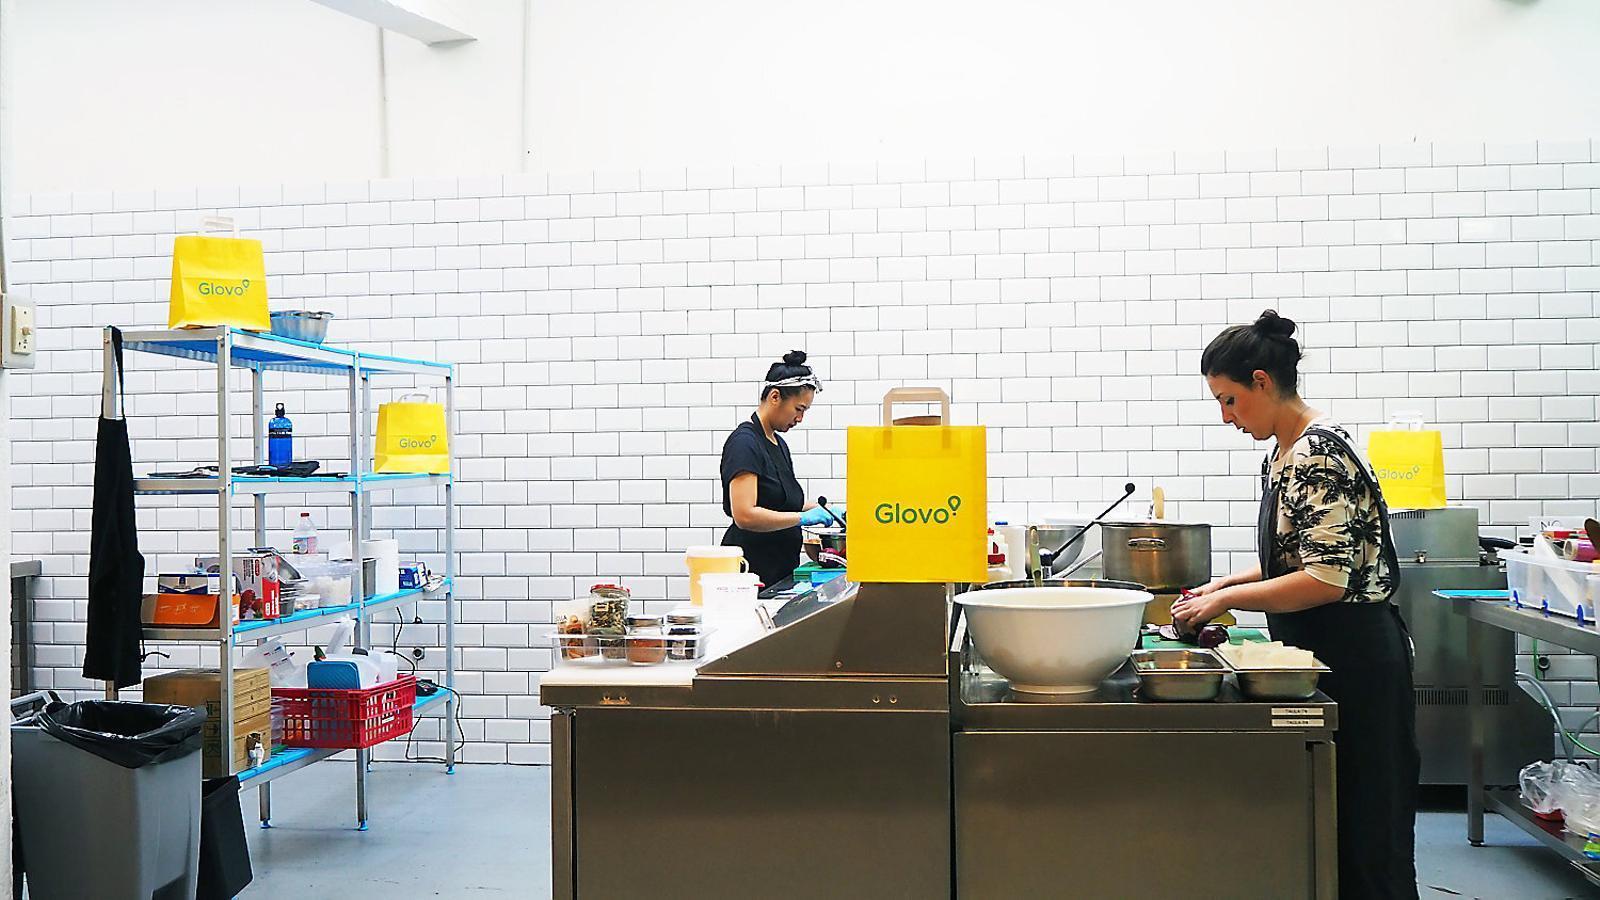 La irrupció de les 'dark kitchens'